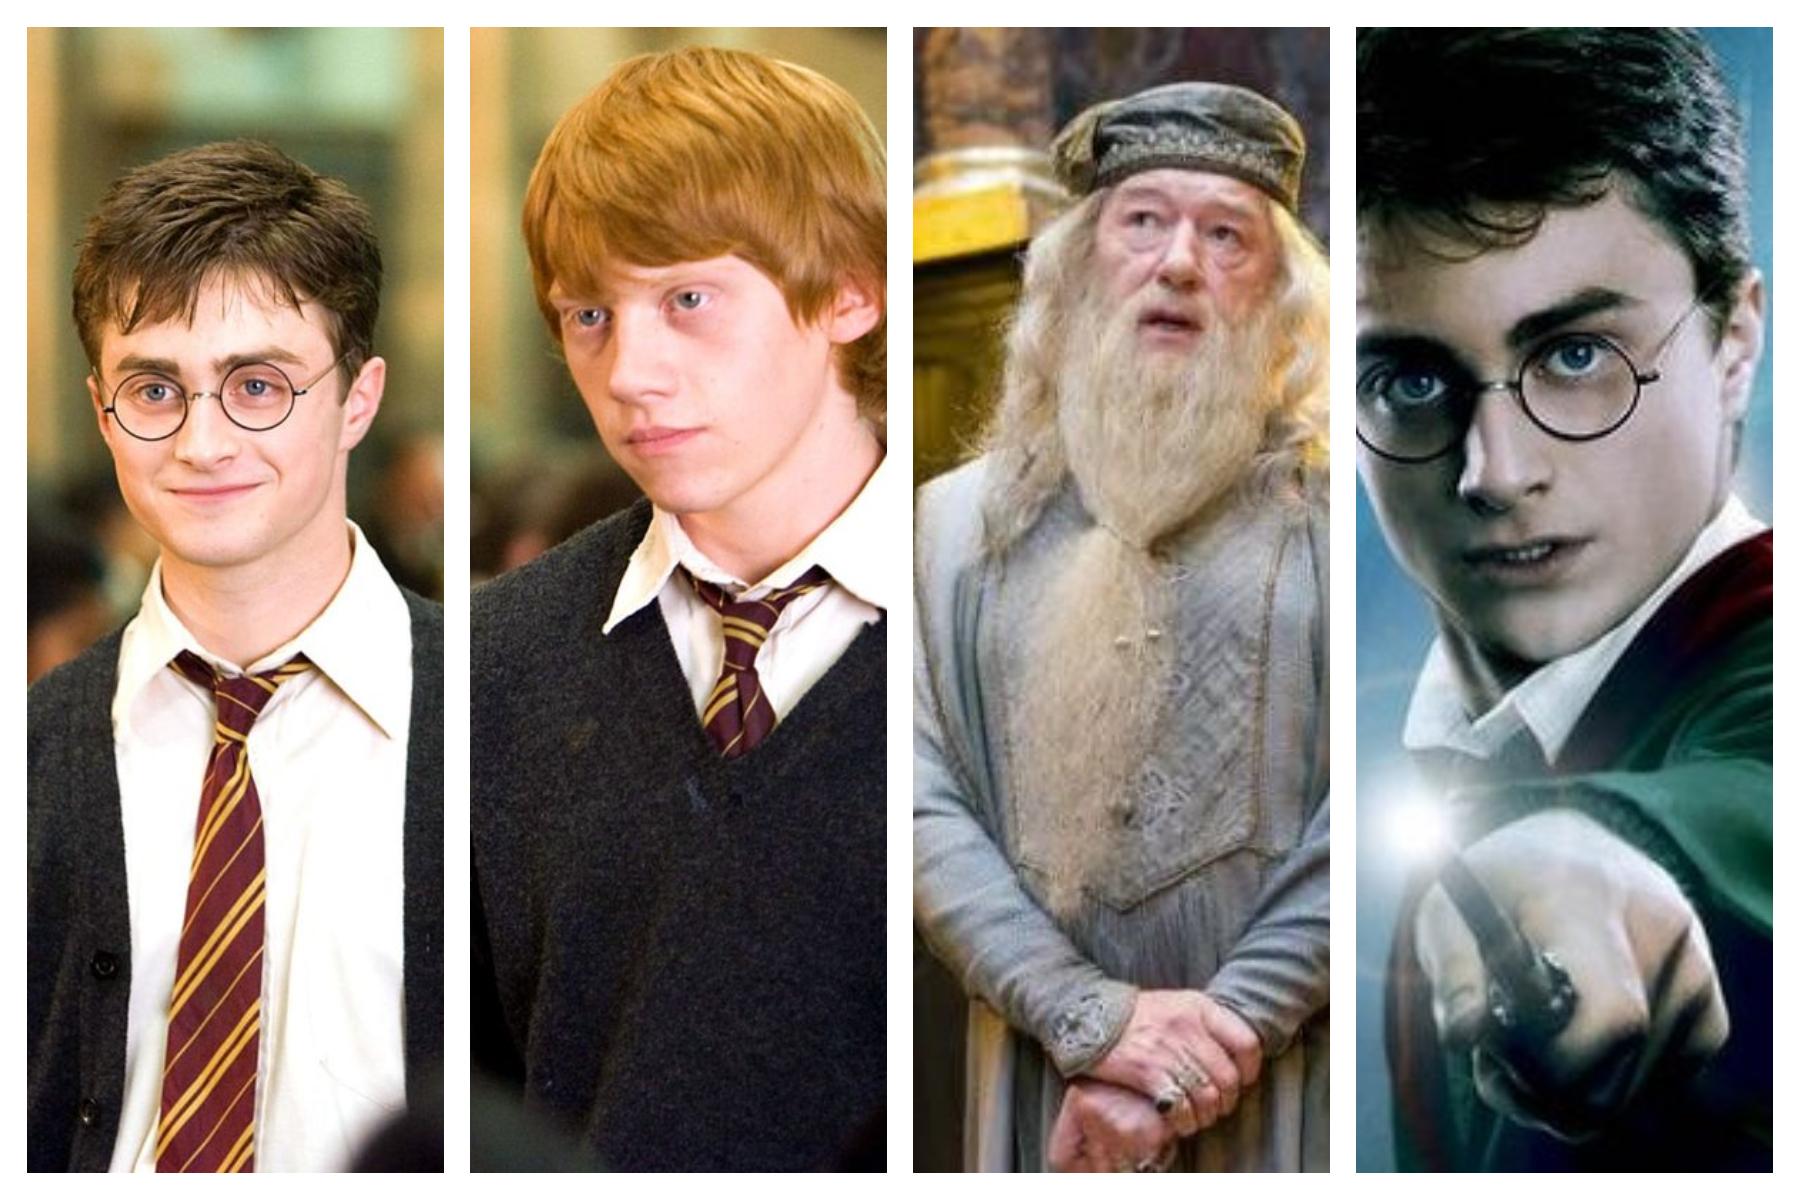 BuzzQuizz: Kuis Harry Potter Terbaik dalam 21 Pertanyaan (Film, Rumah, Karakter)